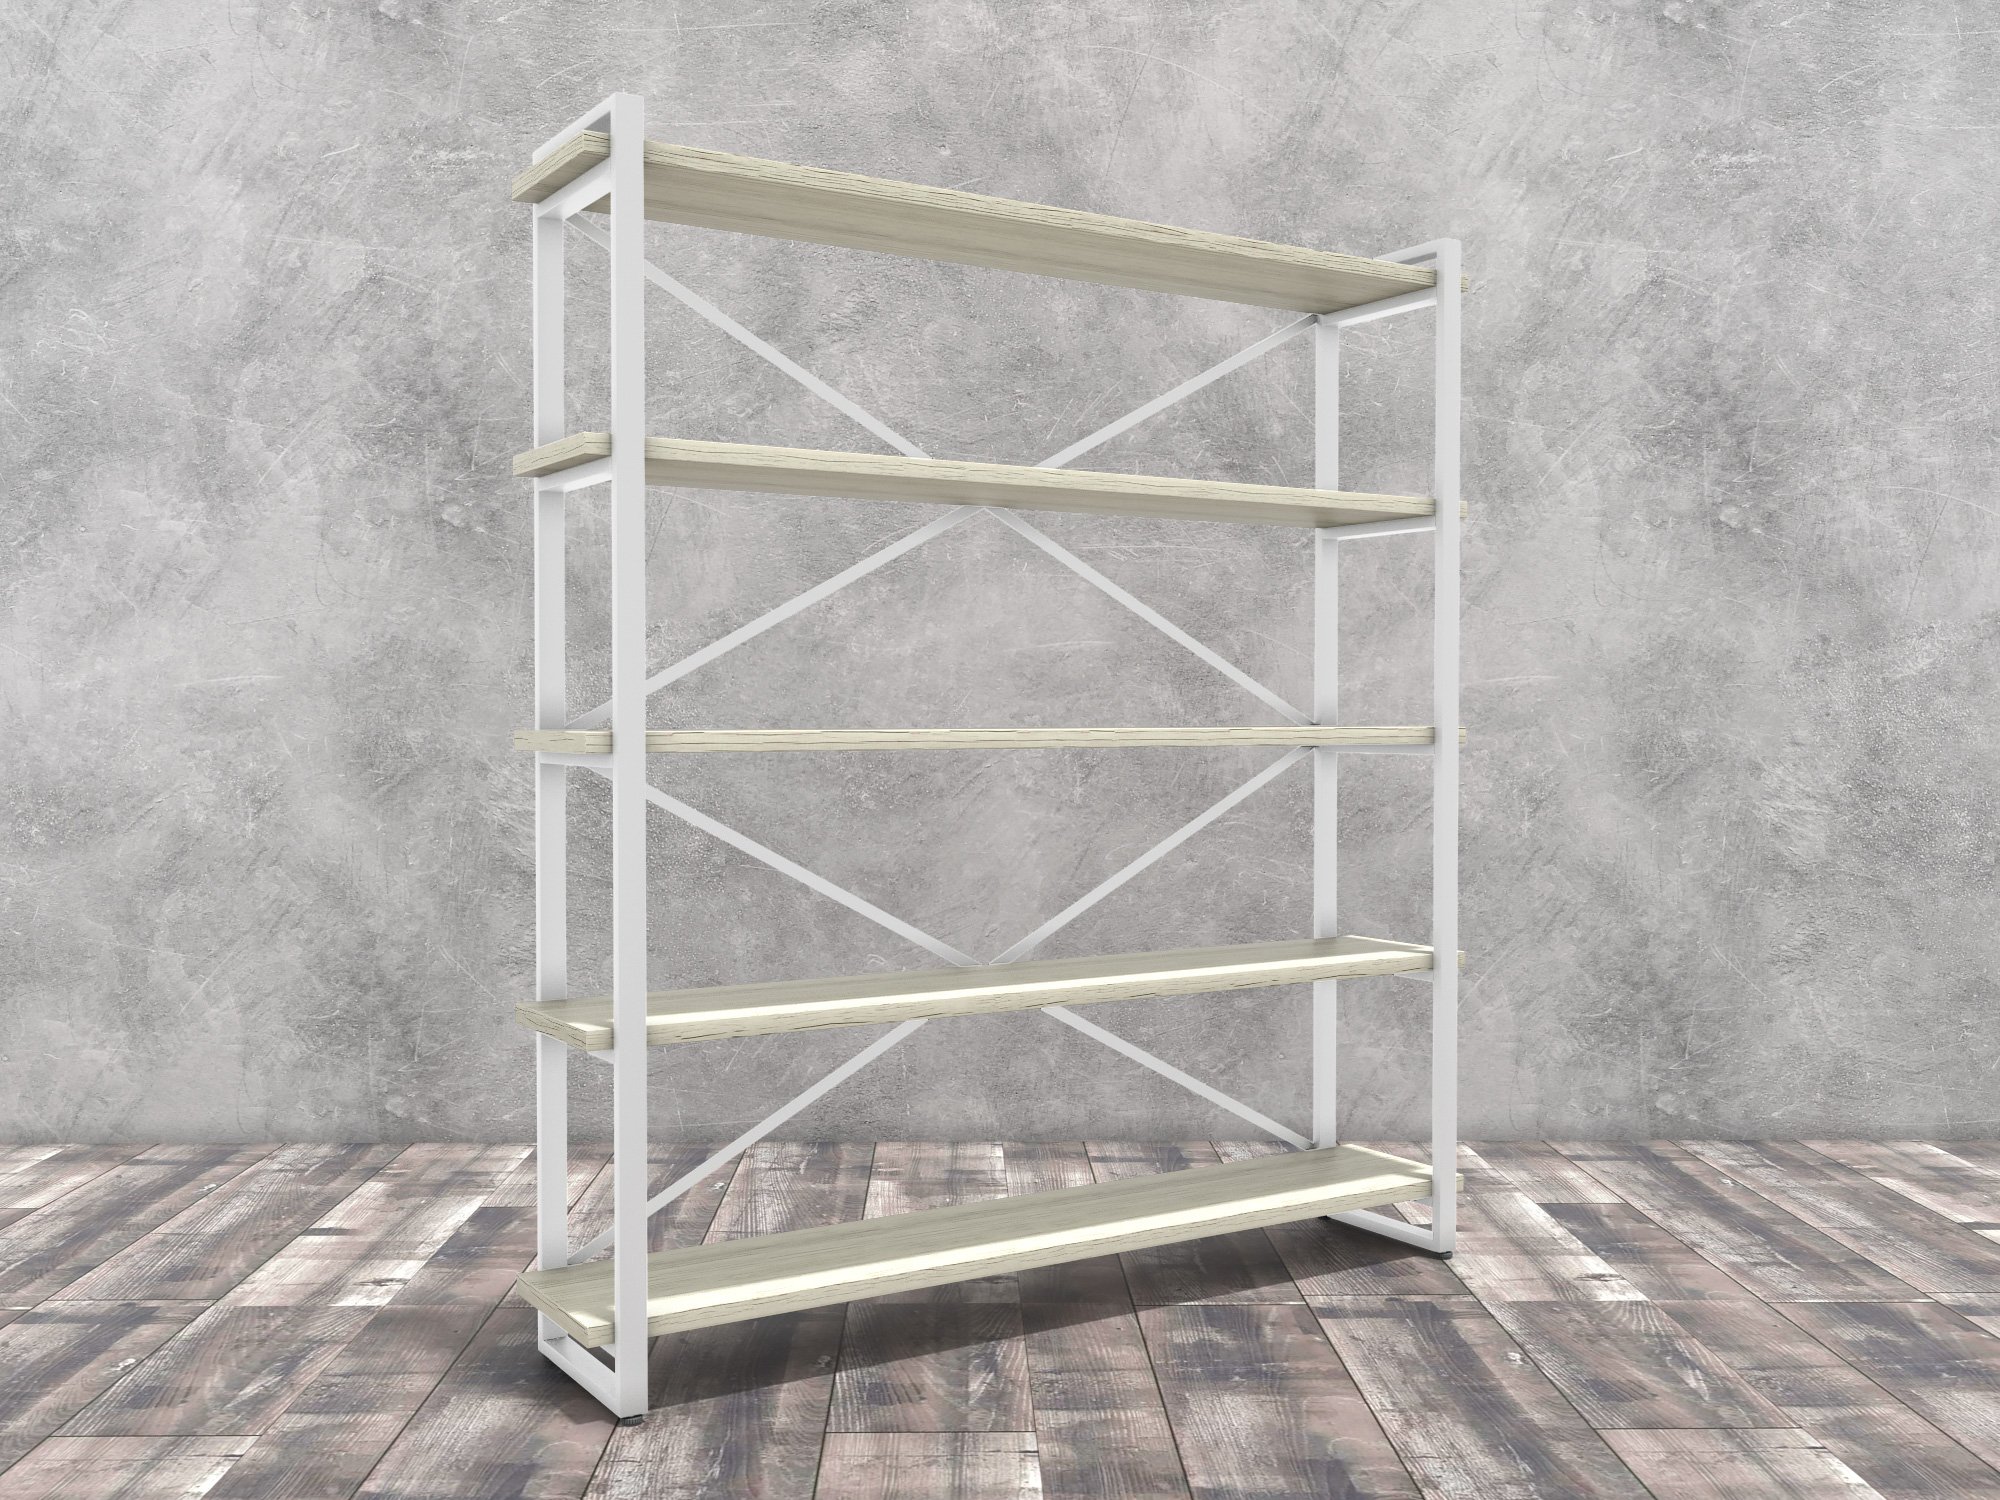 Стеллаж Айсберг Белый, Металл, ЛДСП 26 мм стеллаж айсберг белый металл лдсп 26 мм